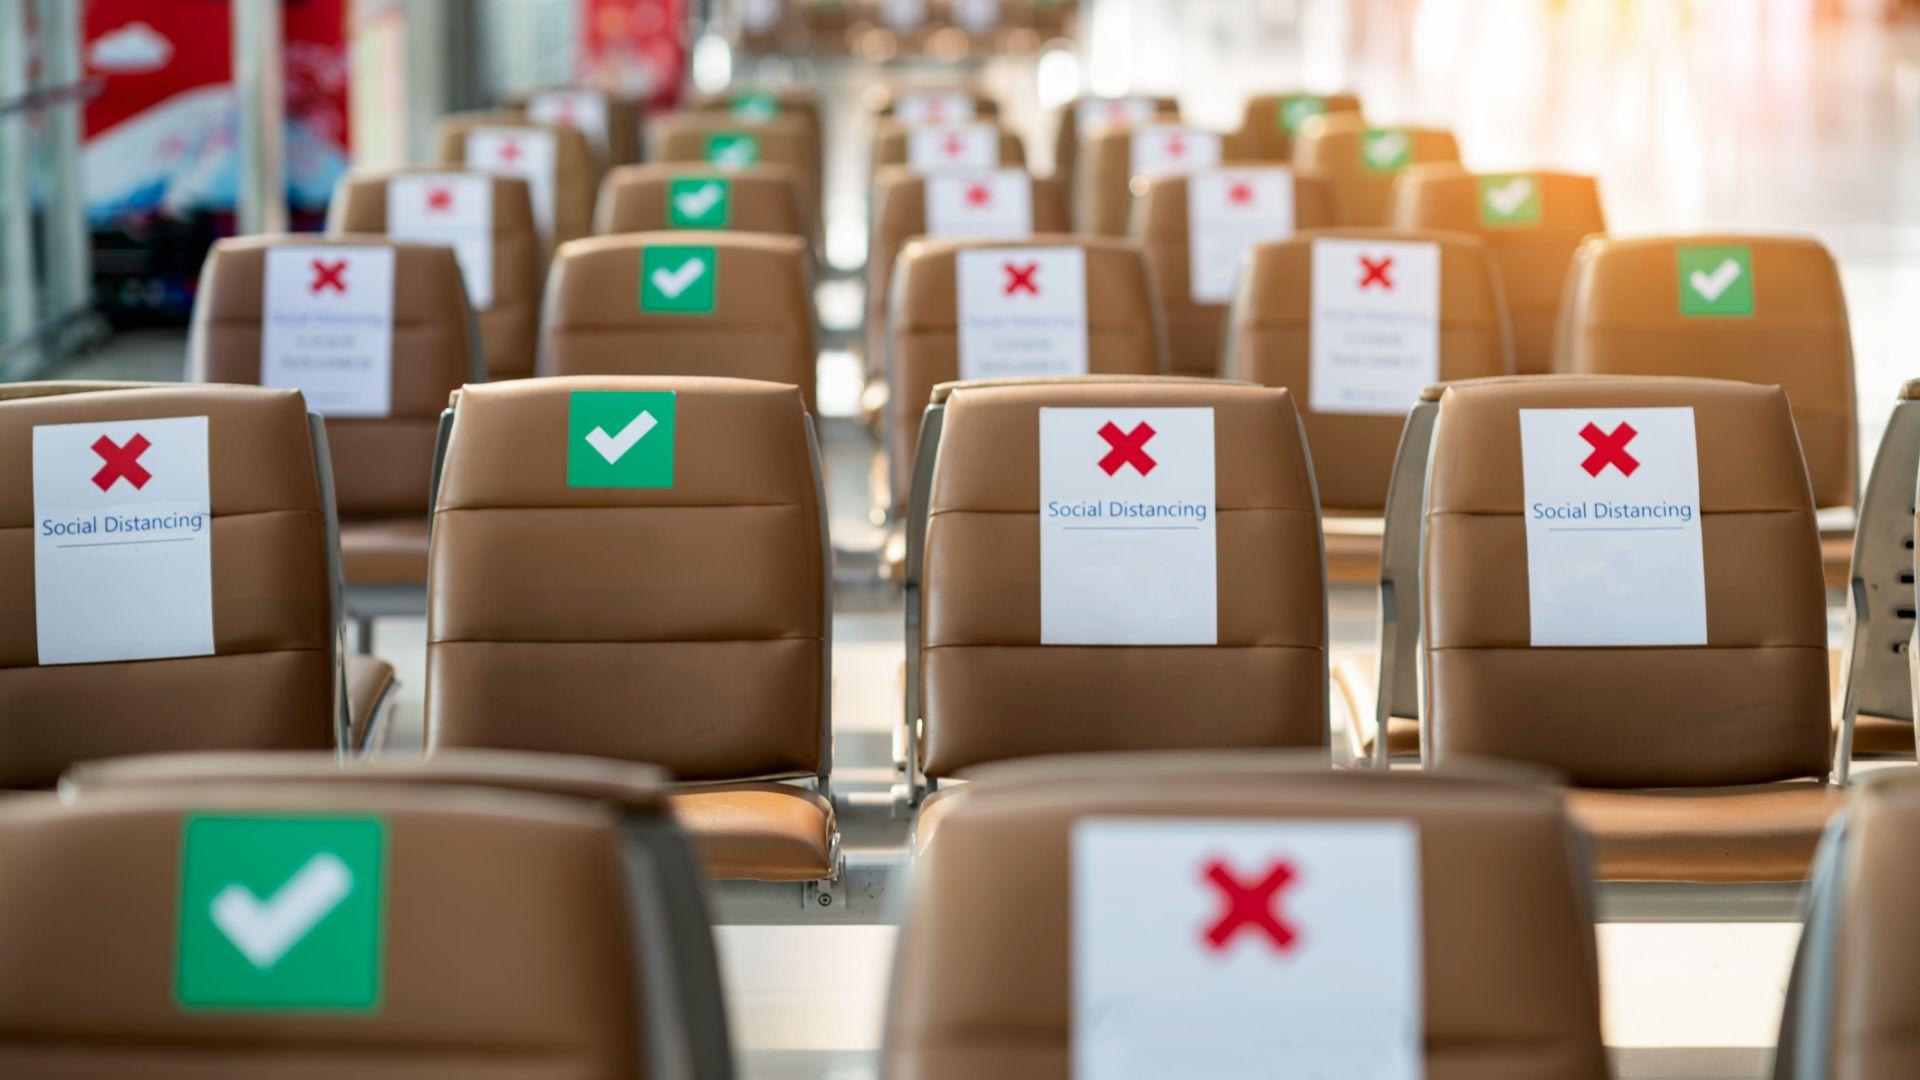 През 2020 г.: Авиосекторът отчете 66% спад на превозените пътници